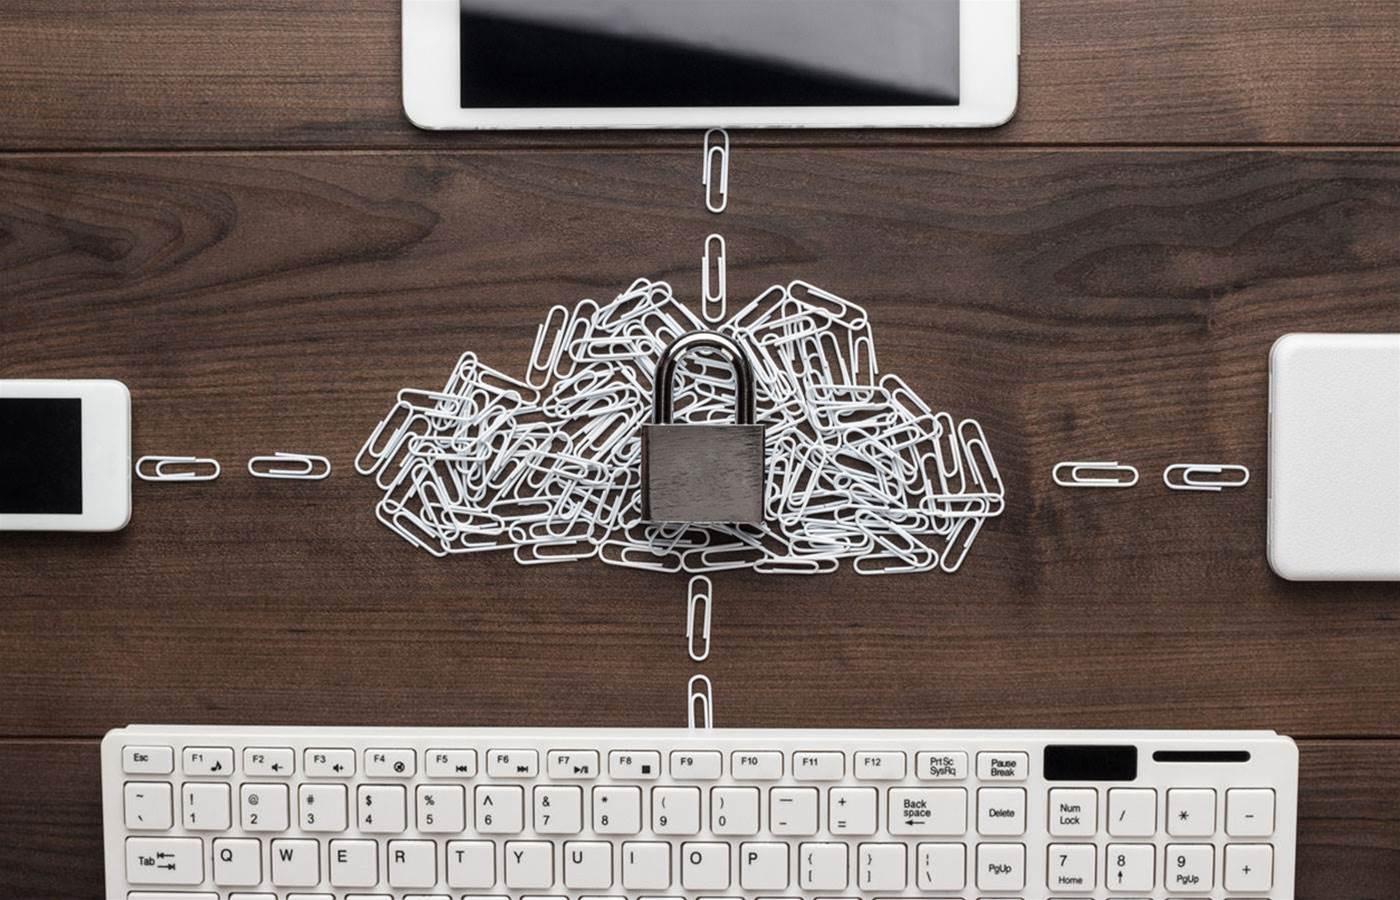 Gartner unveils top cloud access security brokers